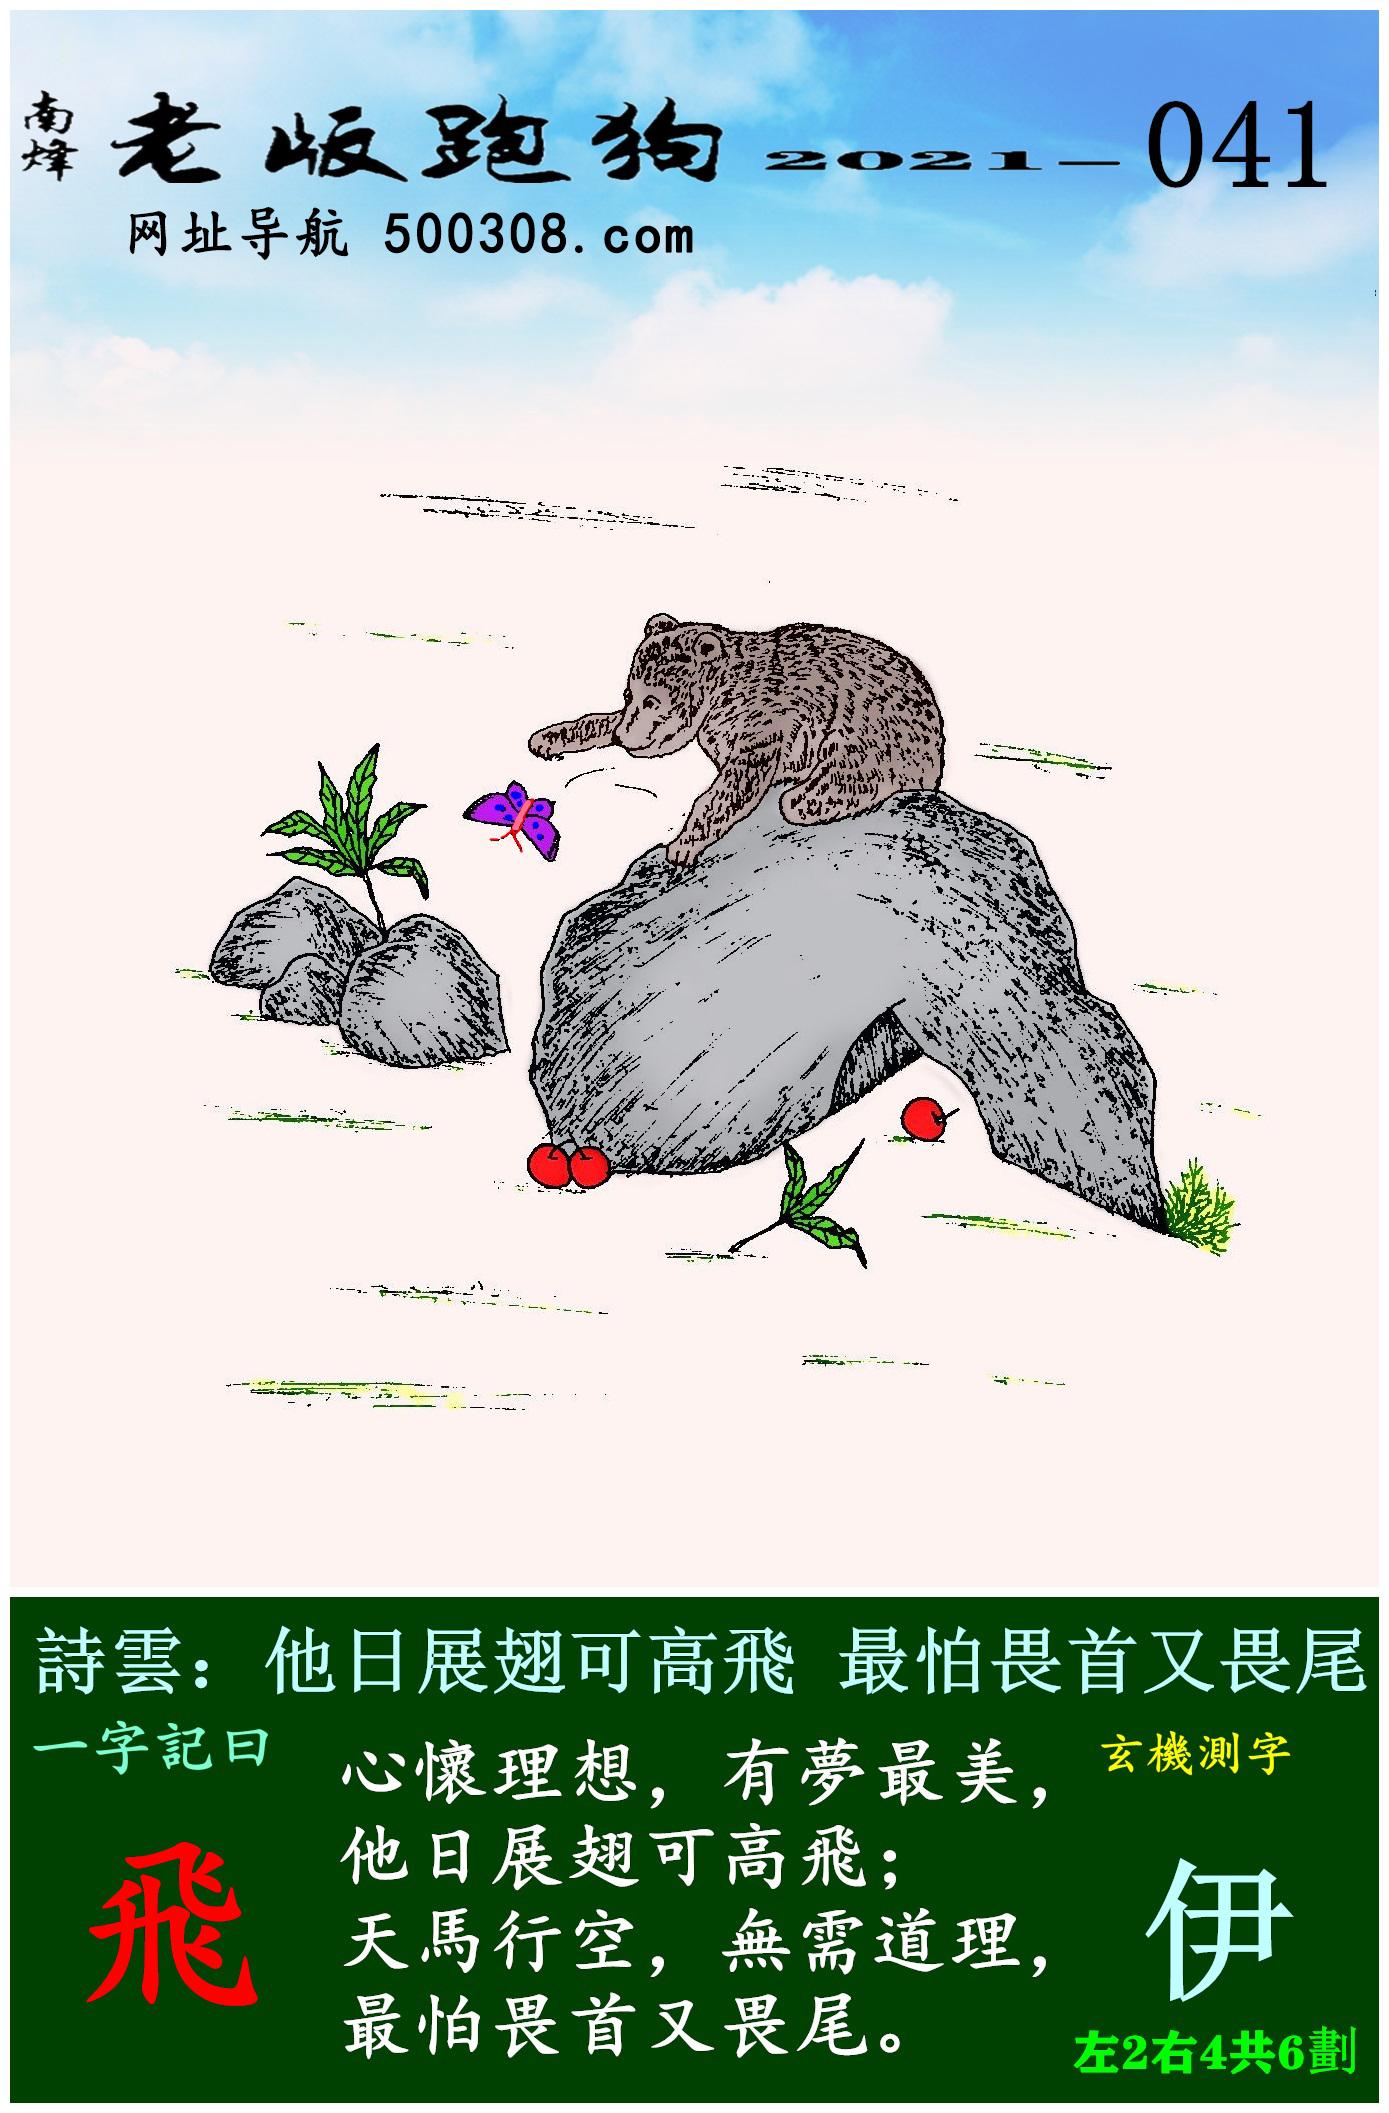 041期老版跑狗一字�之曰:【�w】 ��:他日展翅可高�w,最怕畏首又畏尾。